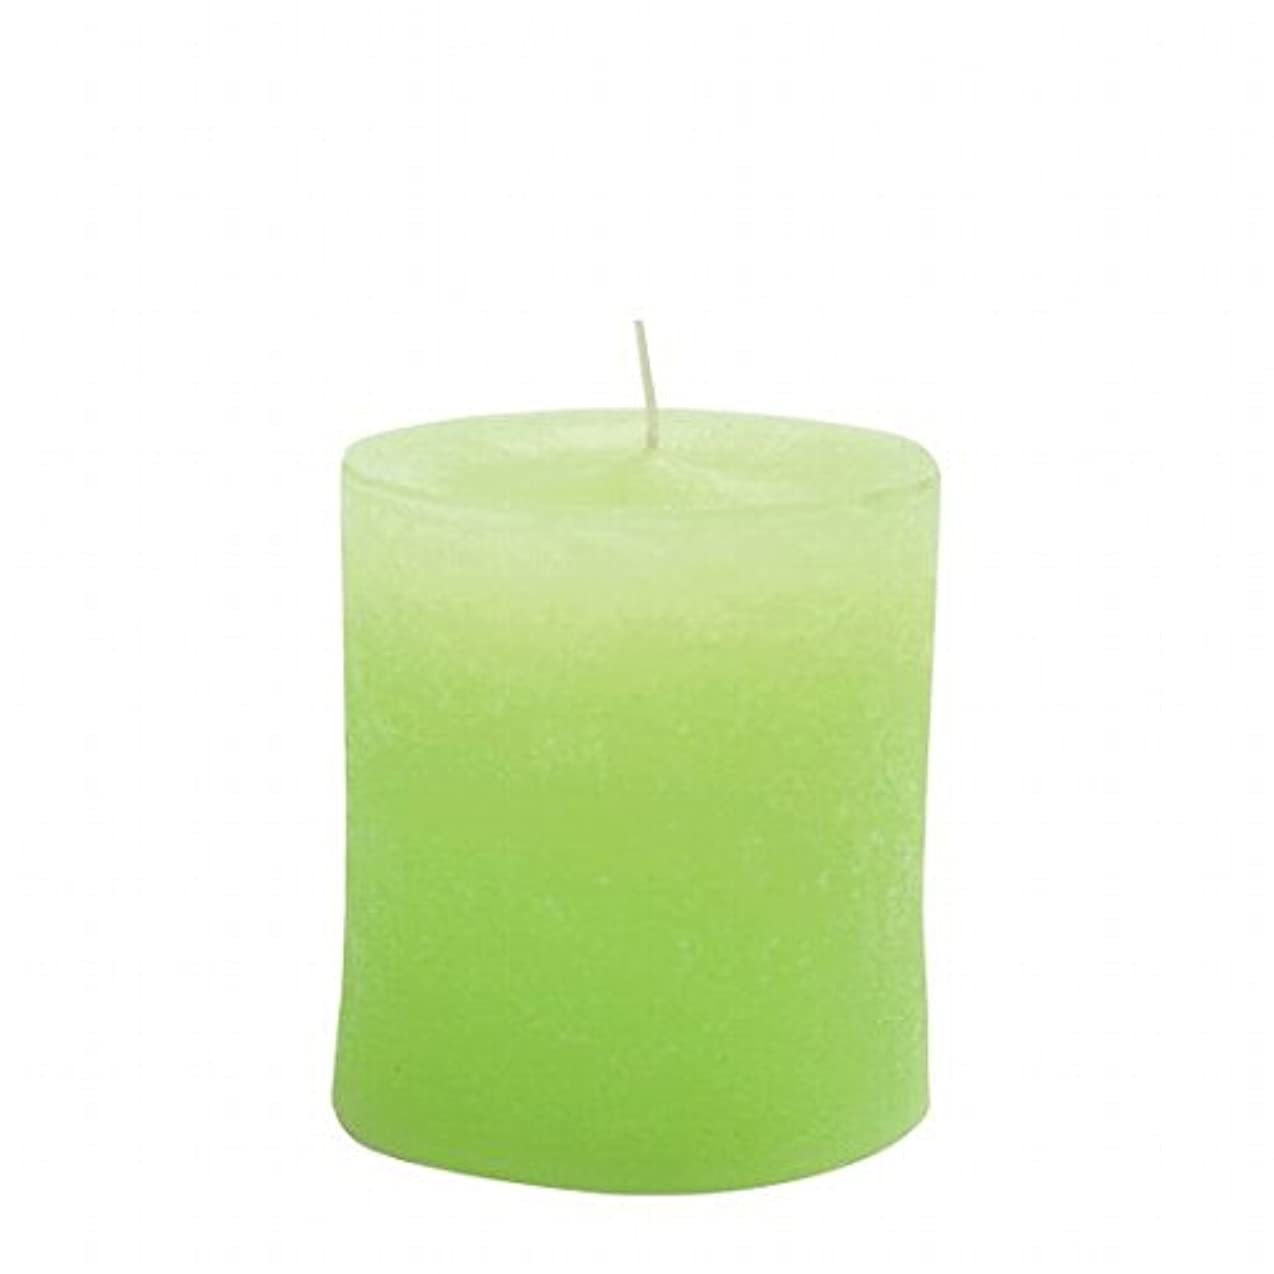 殉教者ロッカー抑制カメヤマキャンドル( kameyama candle ) ラスティクピラー70×75 「 ライトグリーン 」